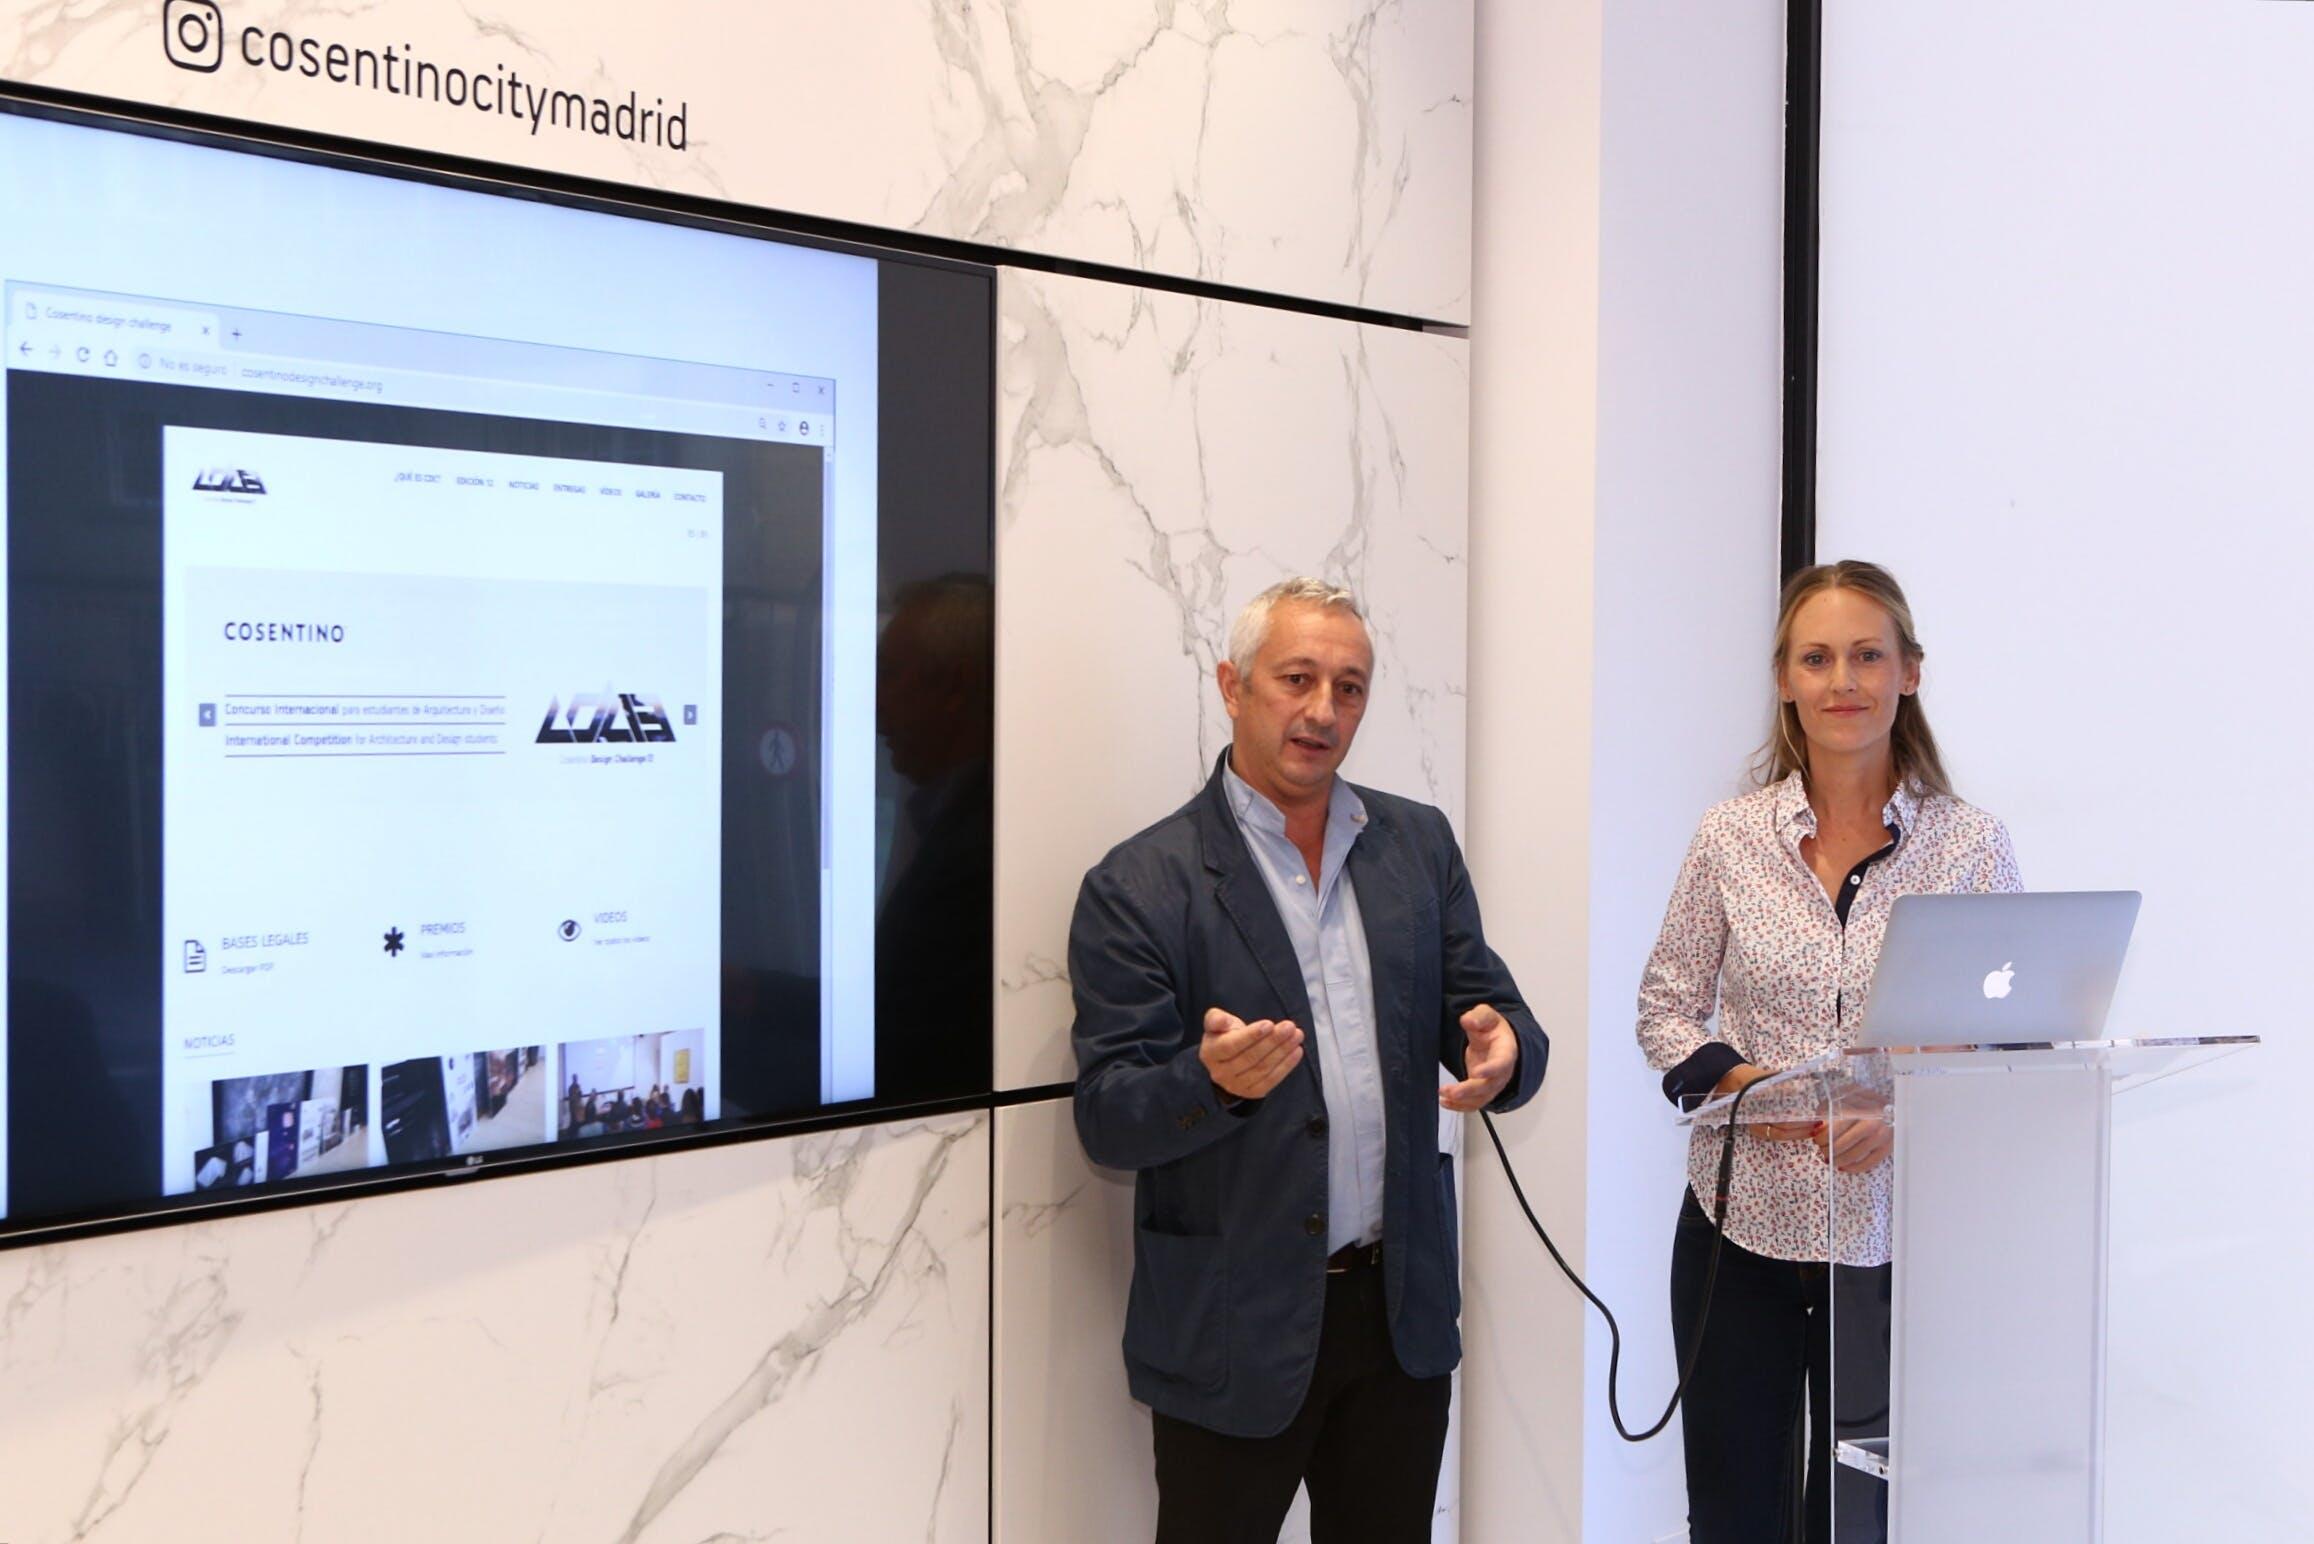 Image of Presentación CDC13 Ricardo Santonja y Adelina Salinas 1 in Cosentino Design Challenge 13 - Cosentino